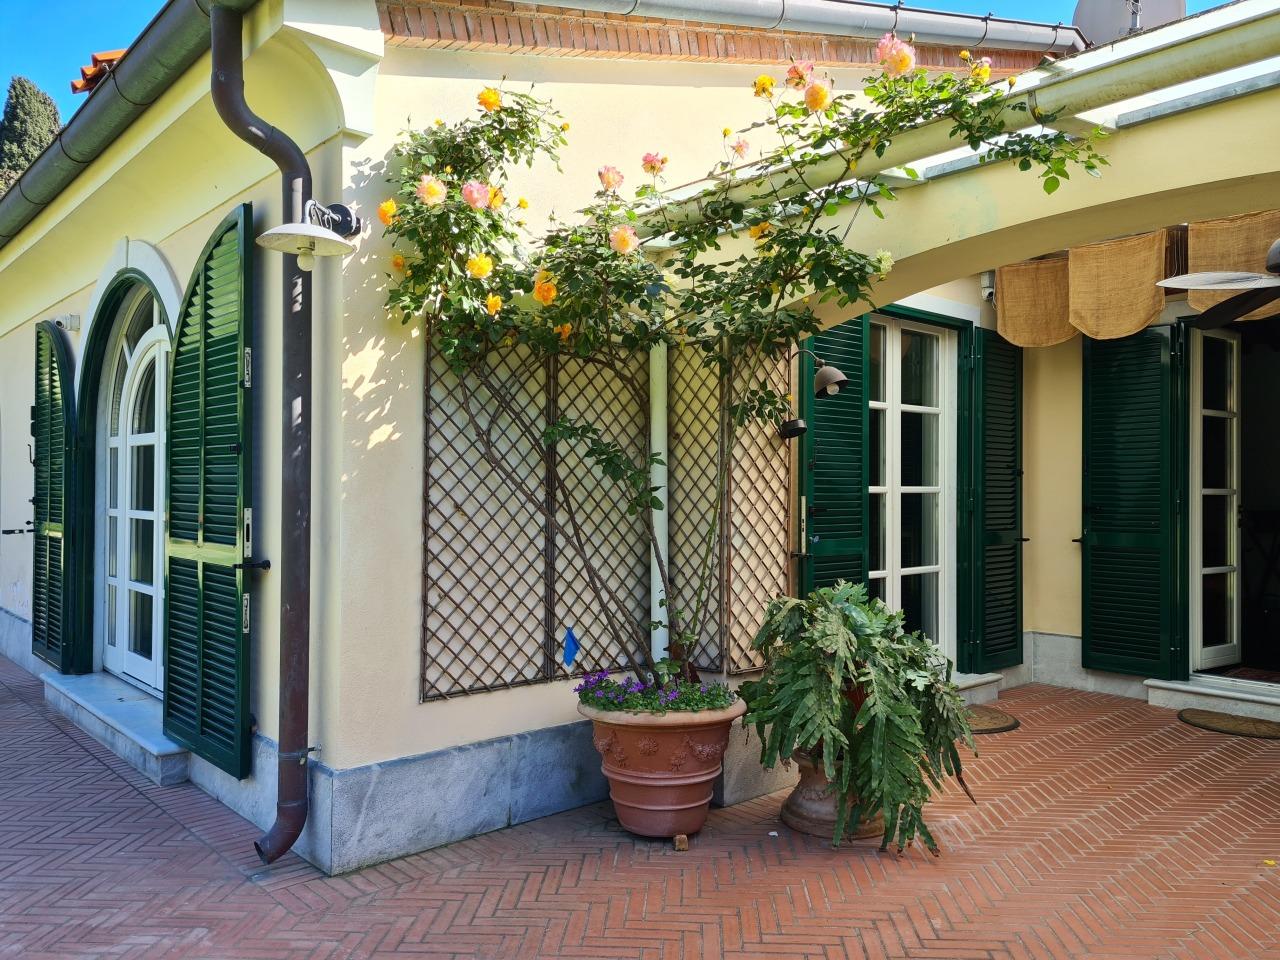 Casa indipendente in vendita a Marina Di Carrara, Carrara (MS)